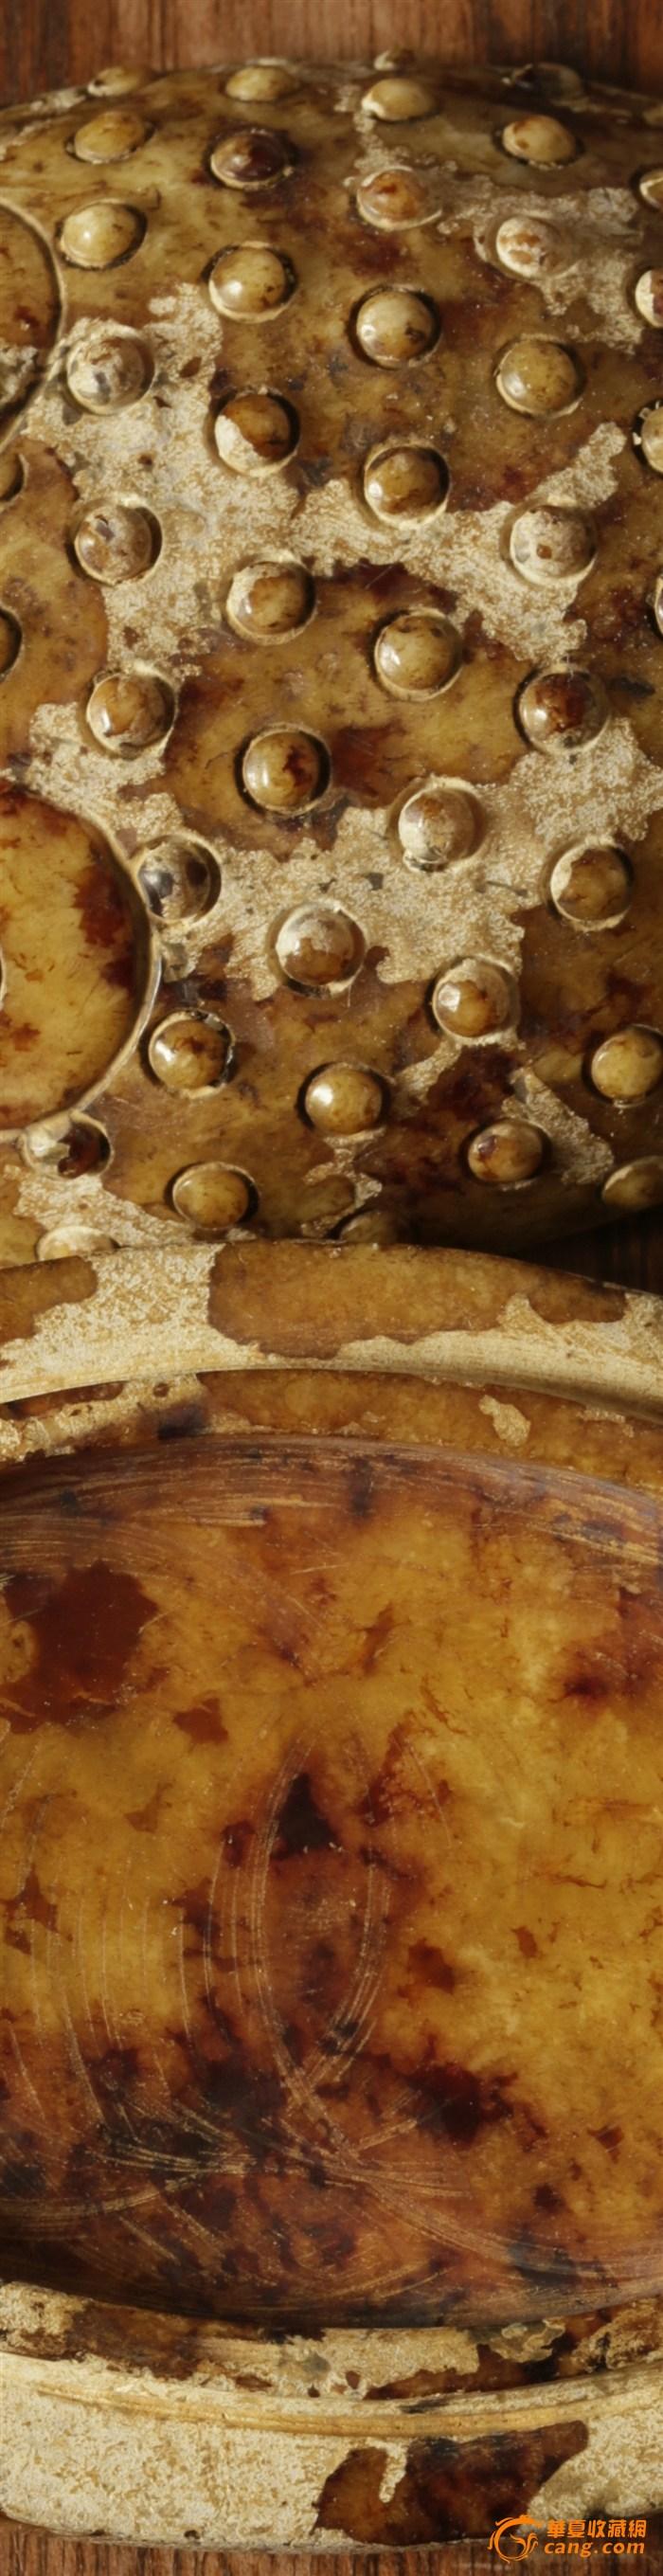 旺财风水用品 和田白玉籽料满沁 盖盒玉蟾,战汉*古玉图7